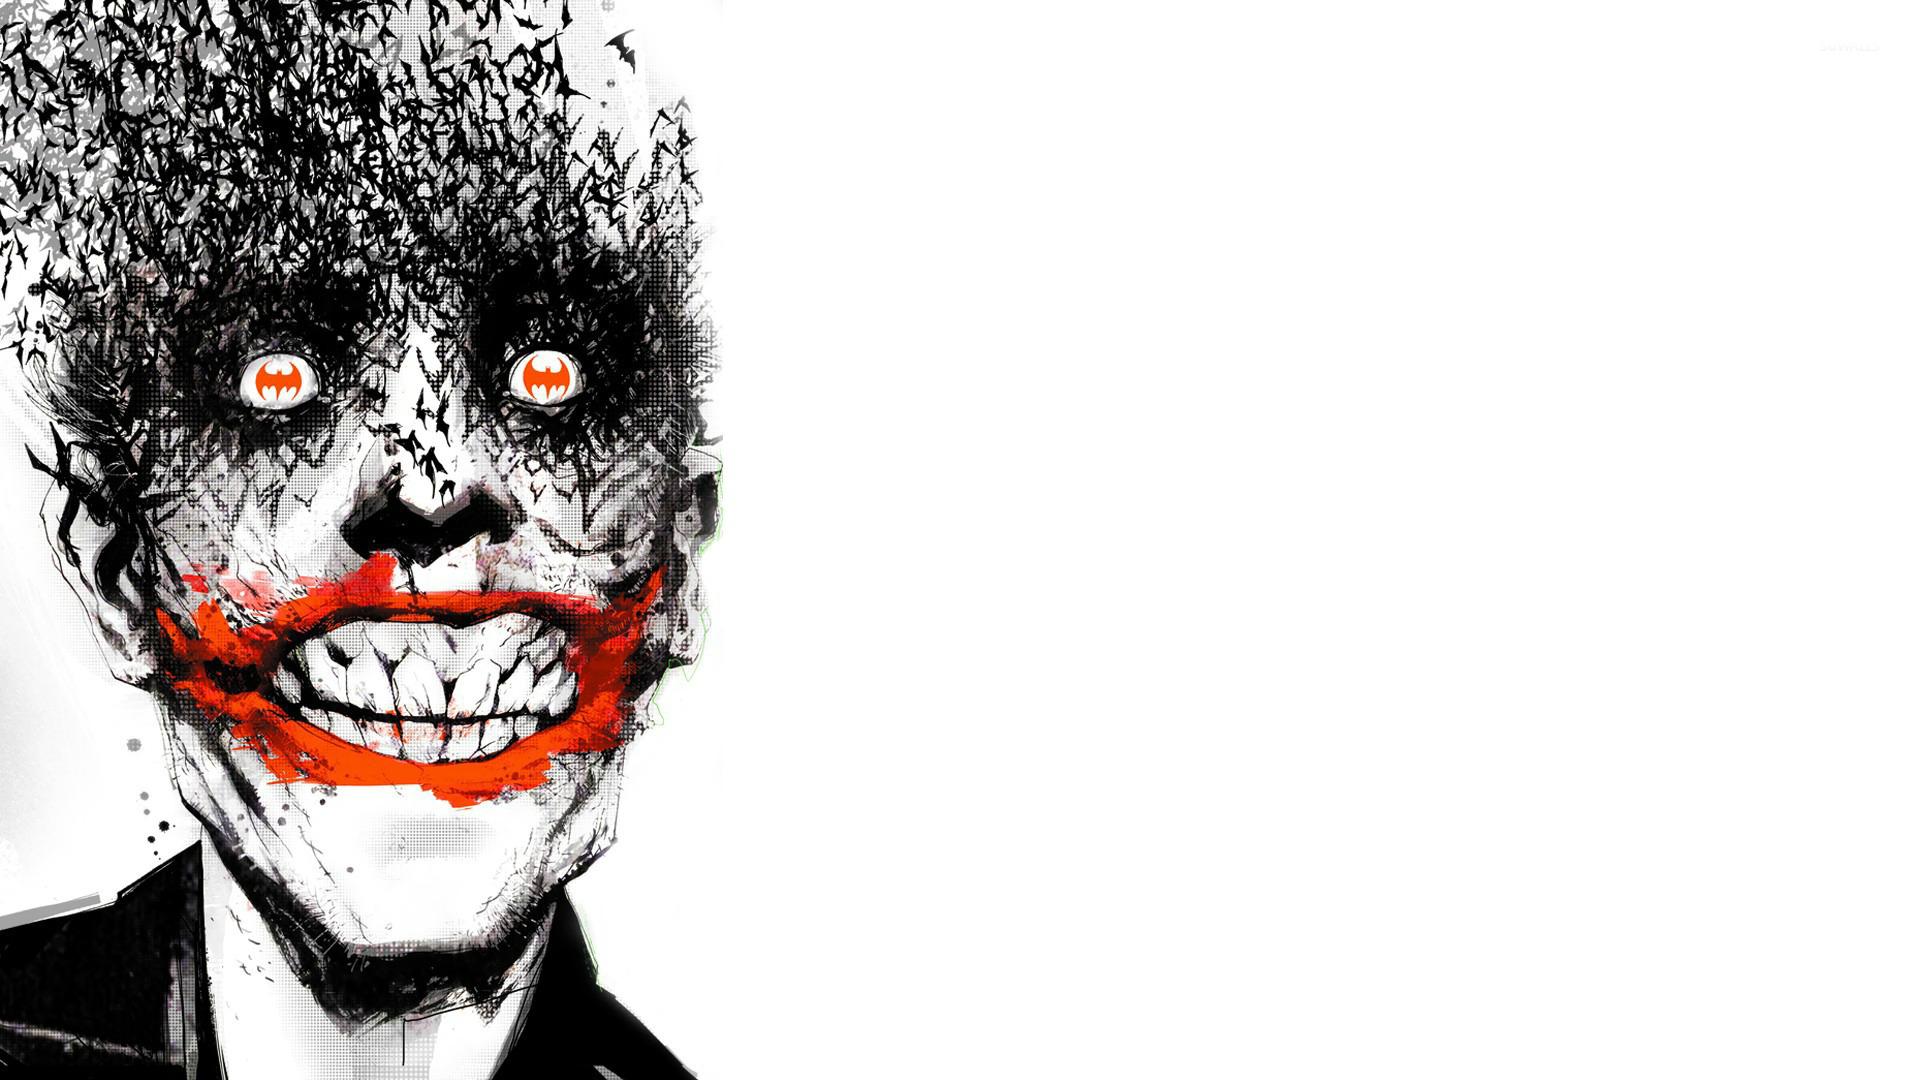 Batface Joker wallpaper   Comic wallpapers   16139 1366x768